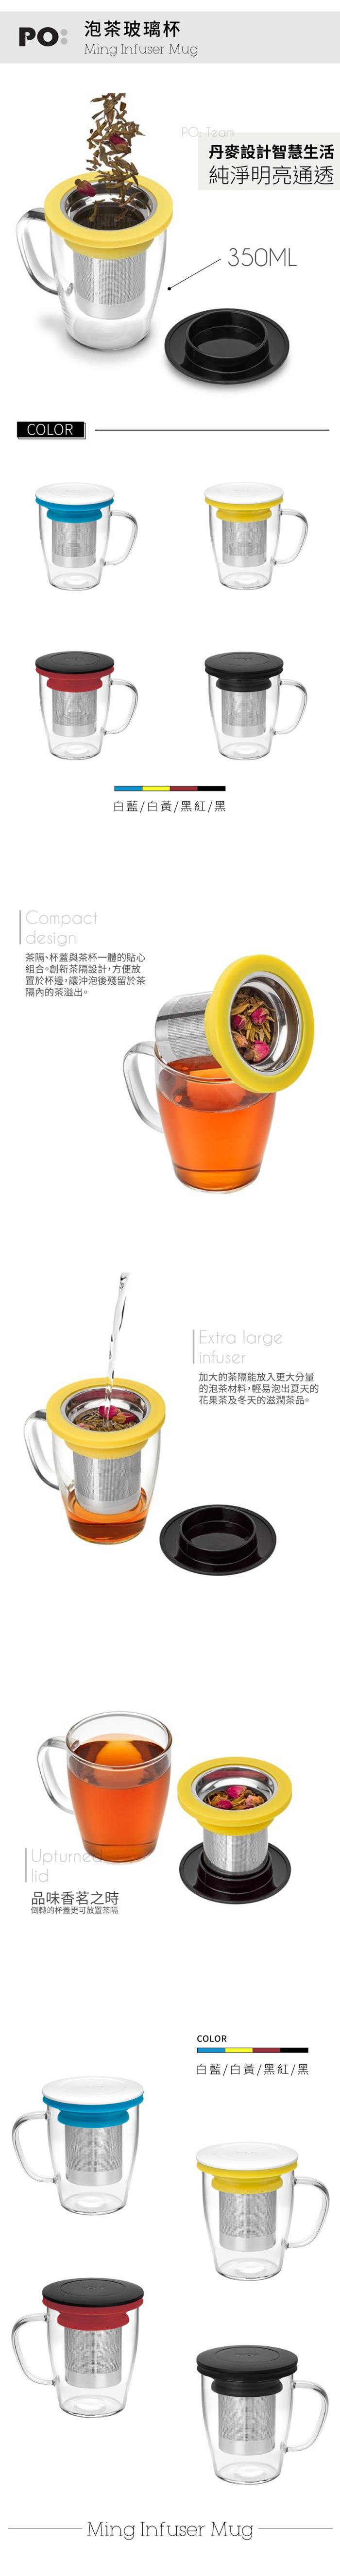 (複製)PO:Selected|丹麥掀蓋12oz保溫泡茶杯(土耳其藍)